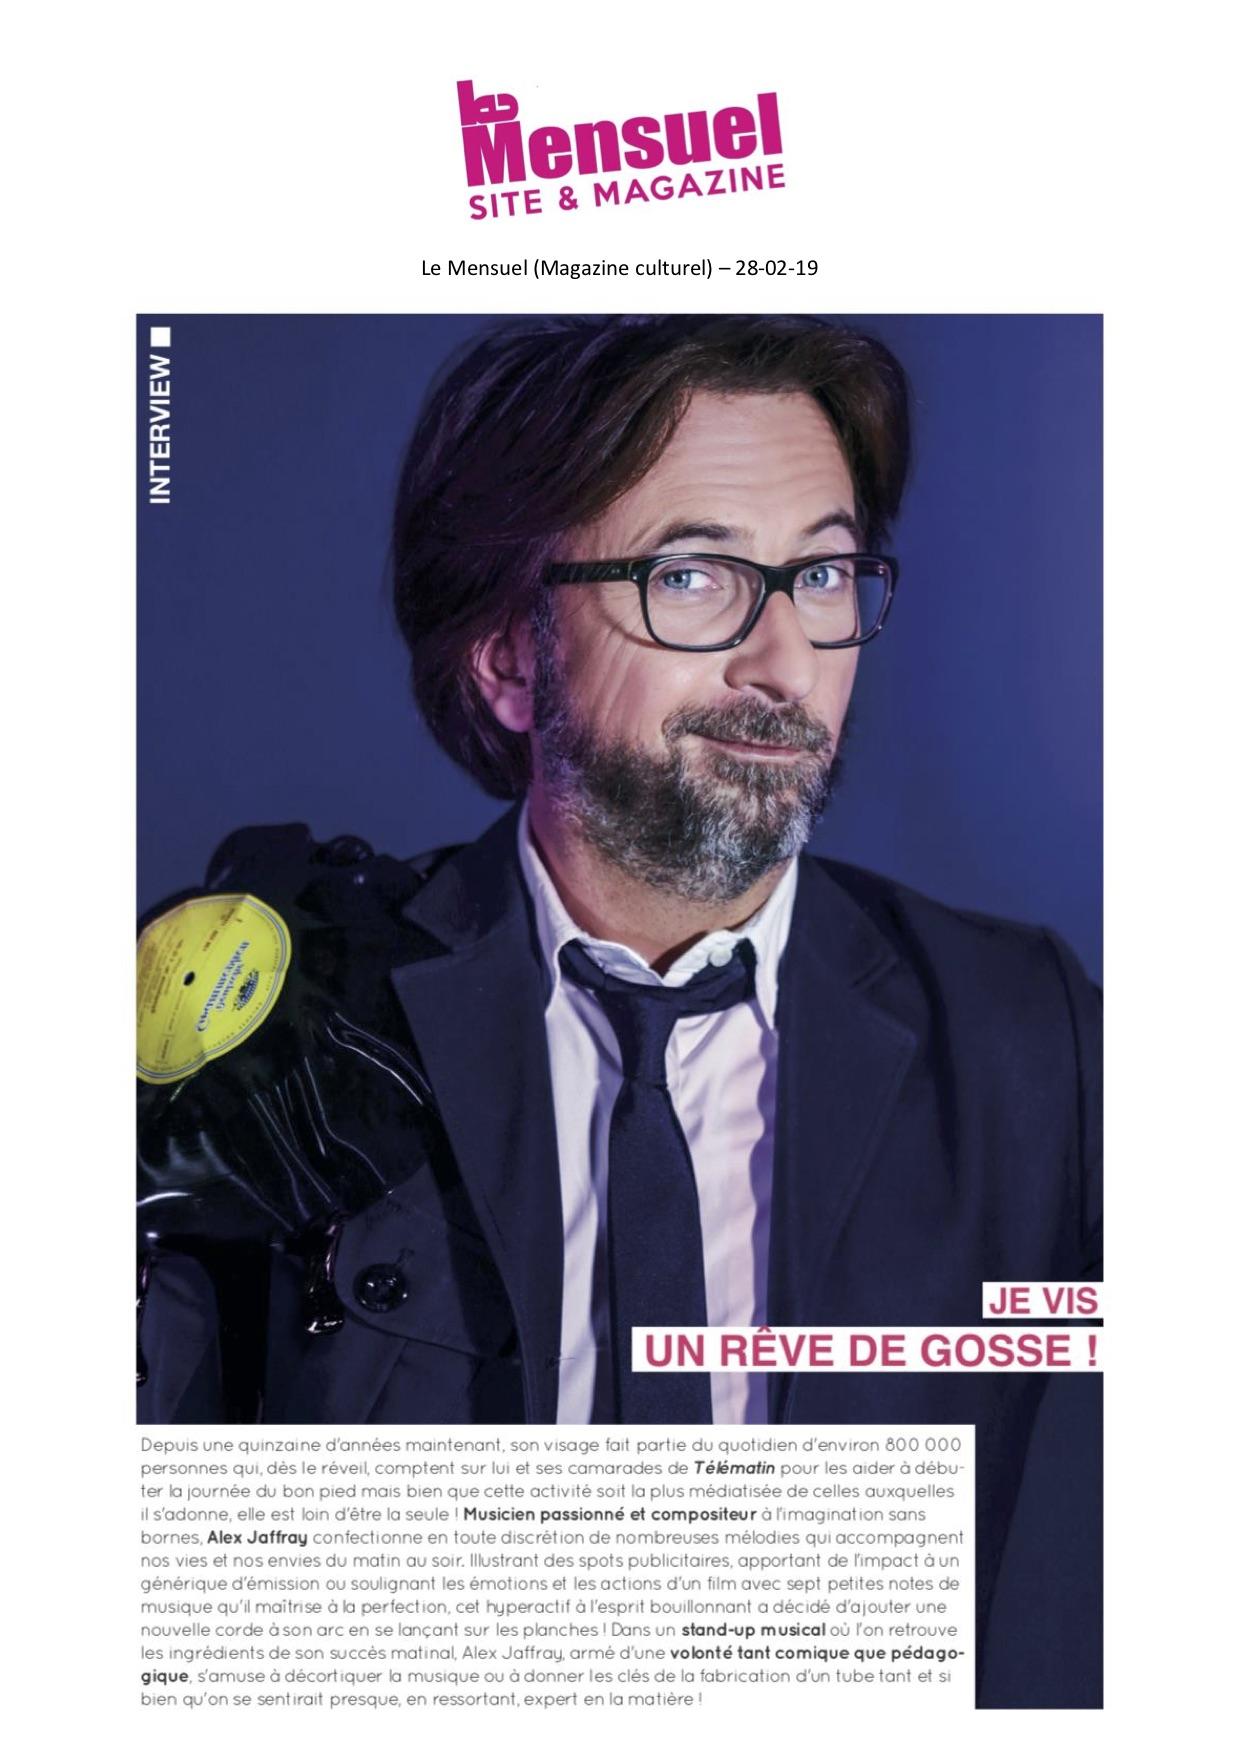 Le Mensuel p1 - 28.02.19